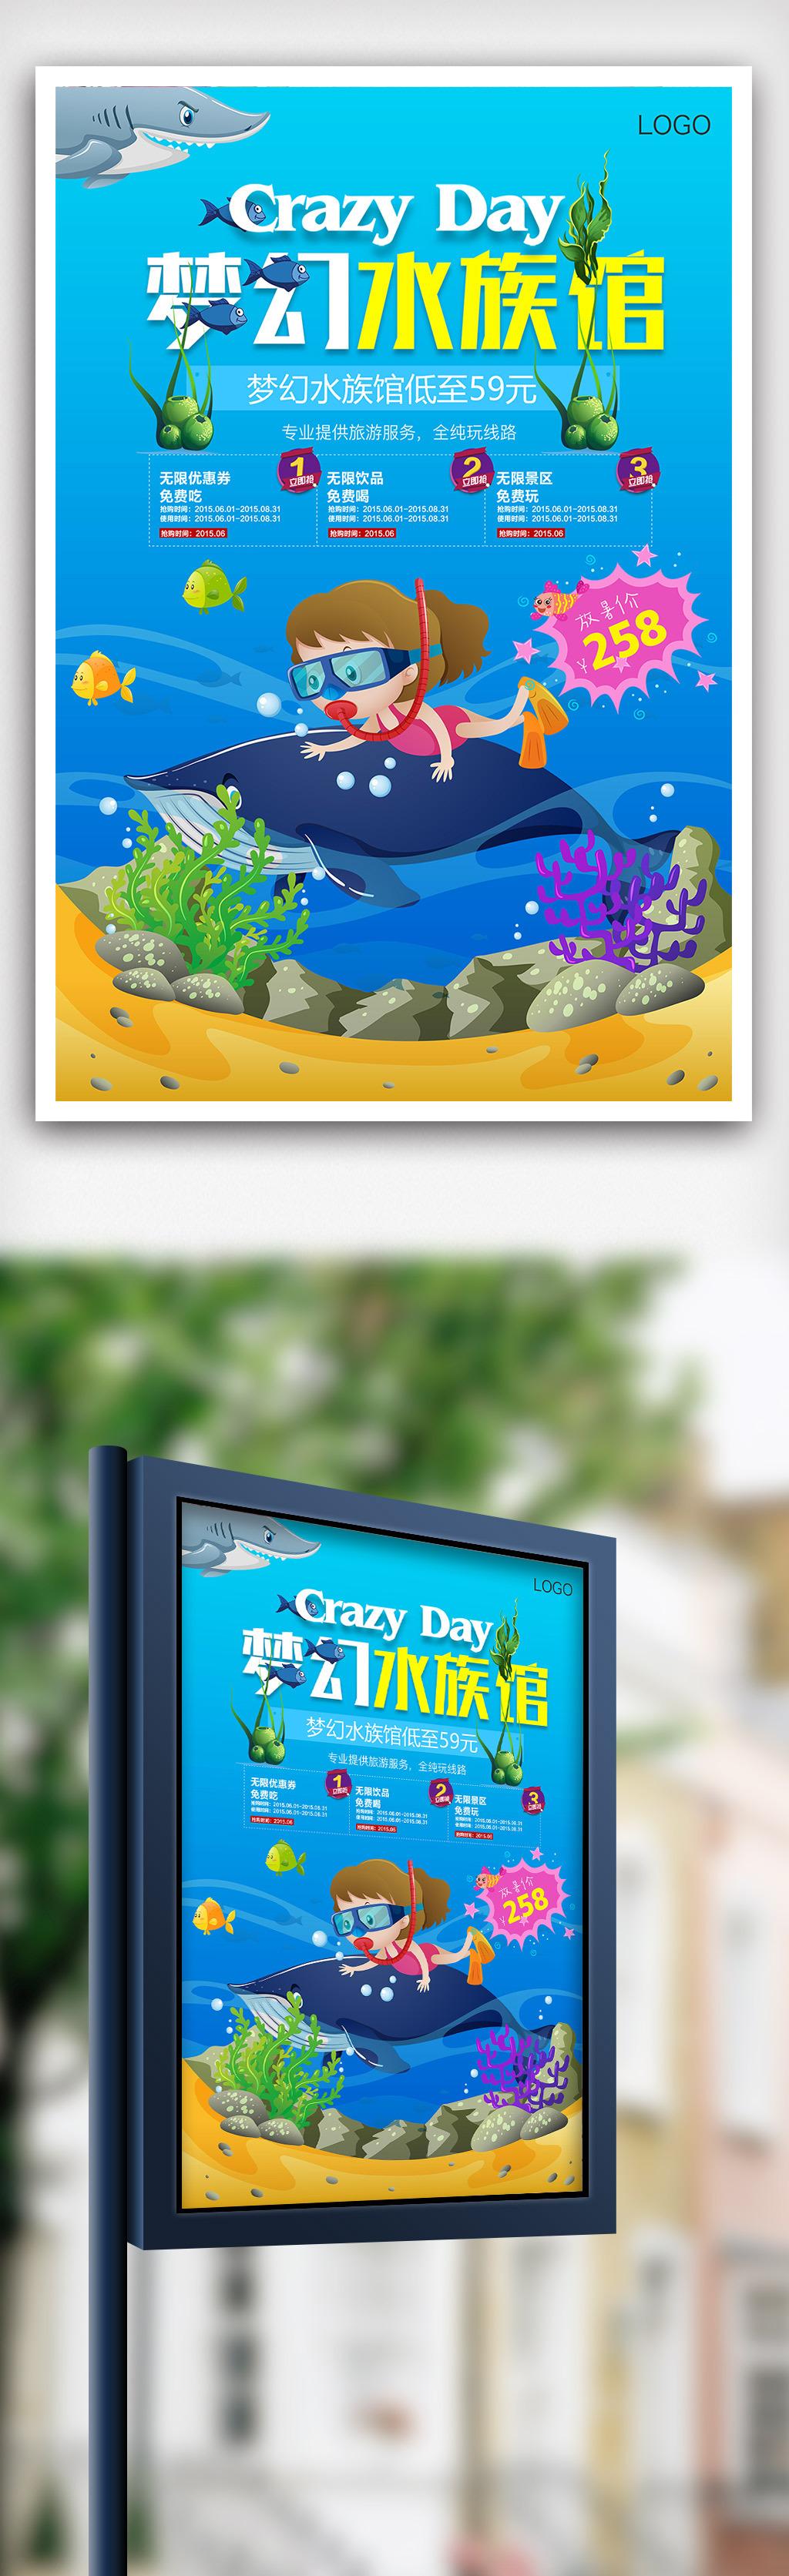 时尚大气水族馆海报设计